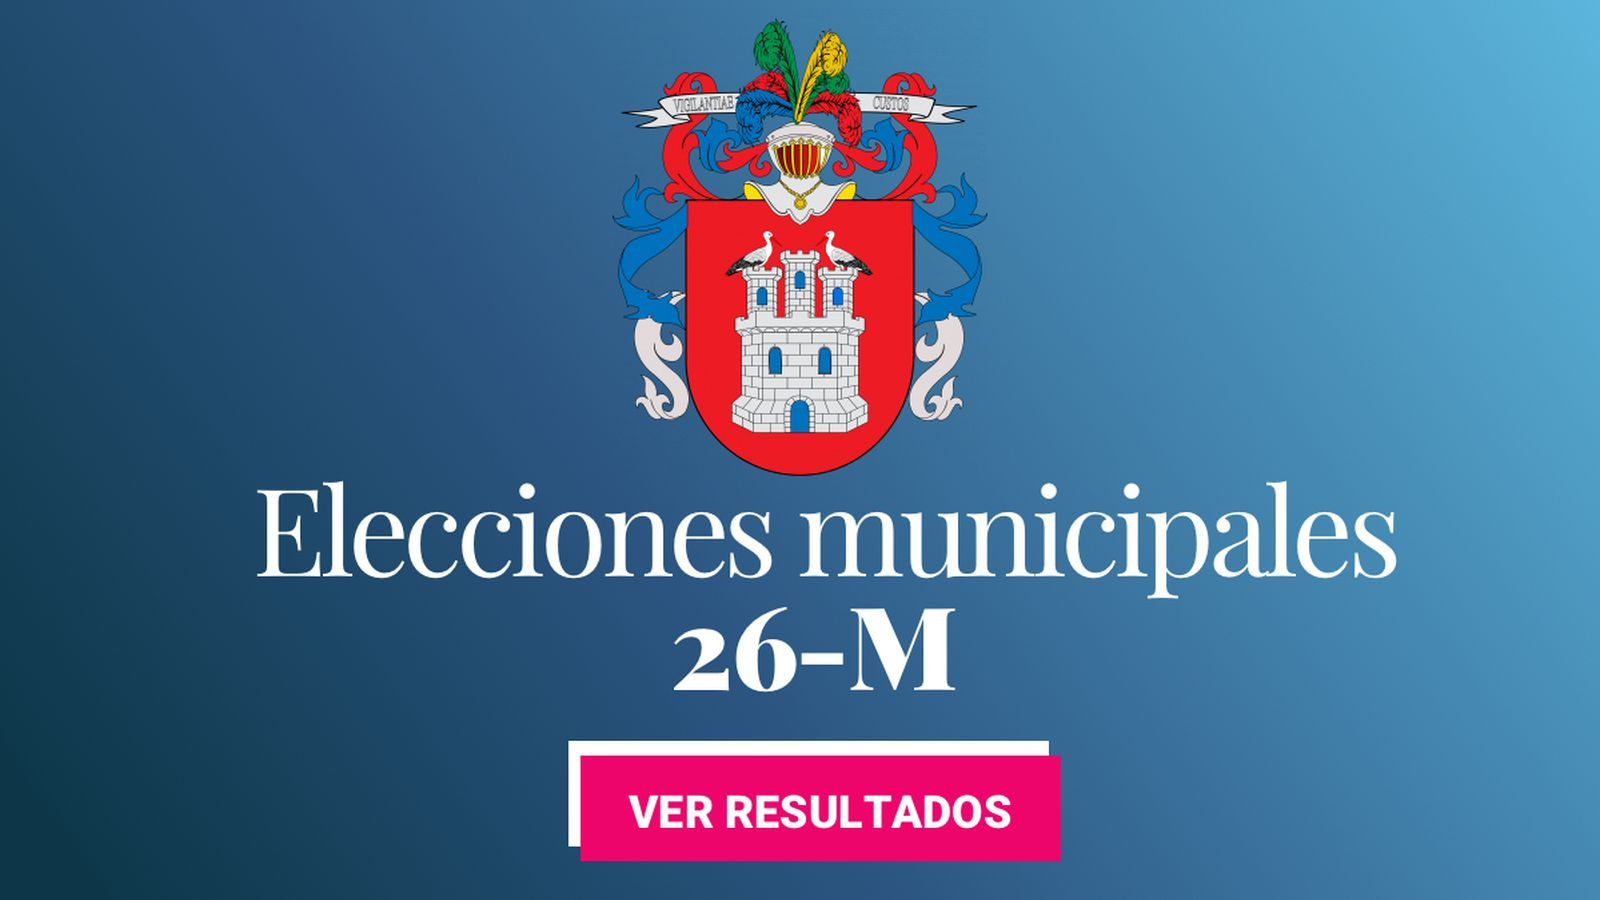 Foto: Elecciones municipales 2019 en Irun. (C.C./EC)